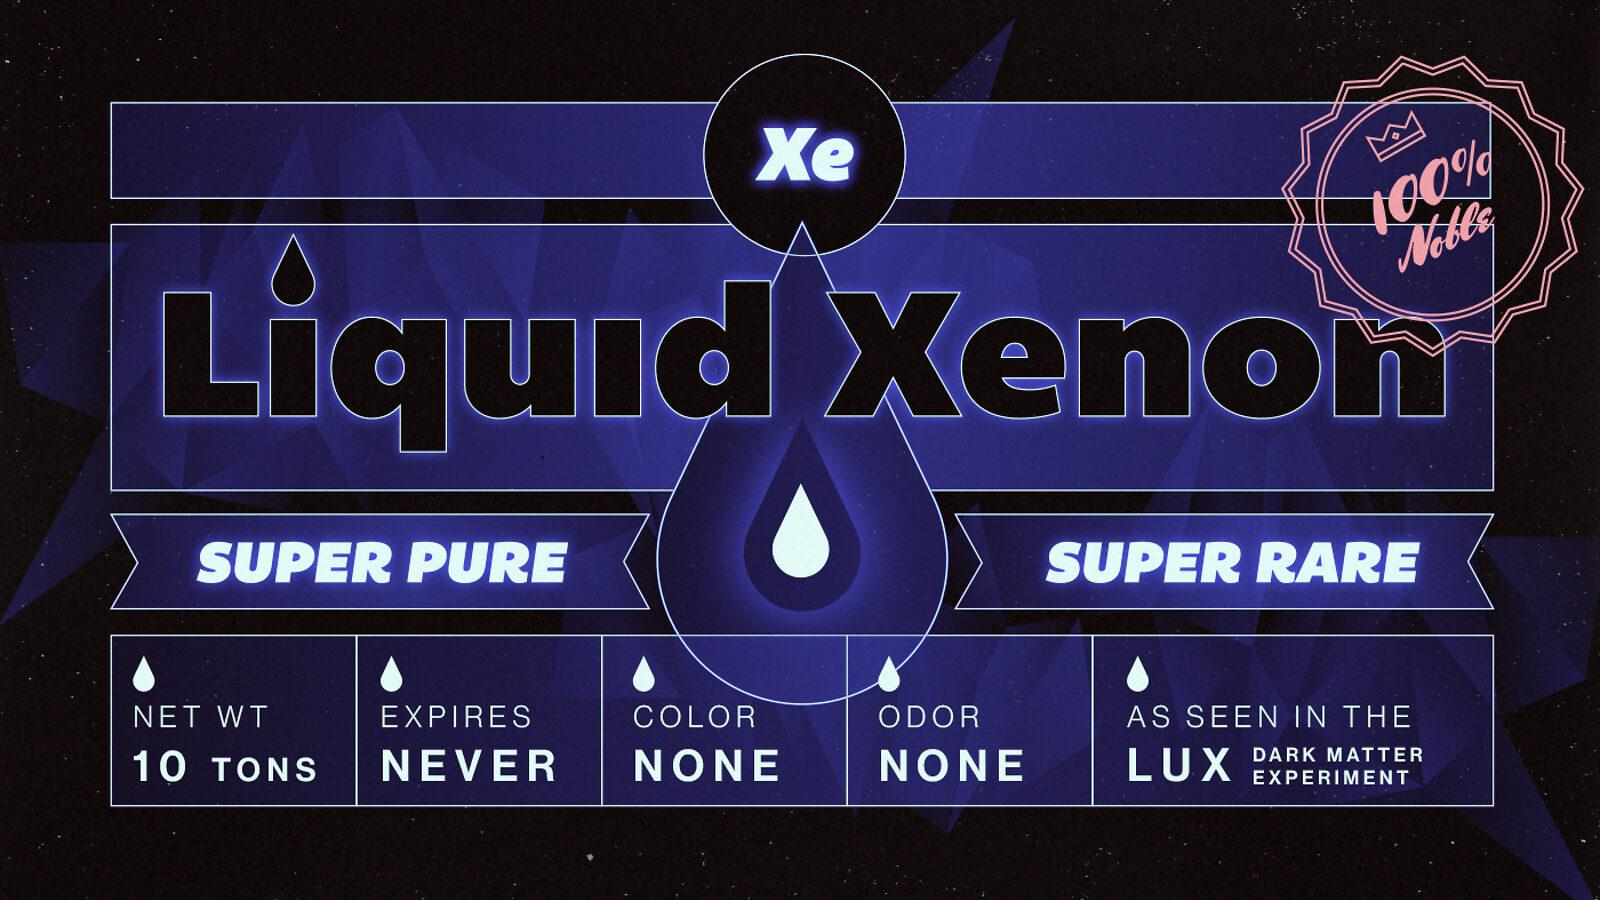 Liquid xenon